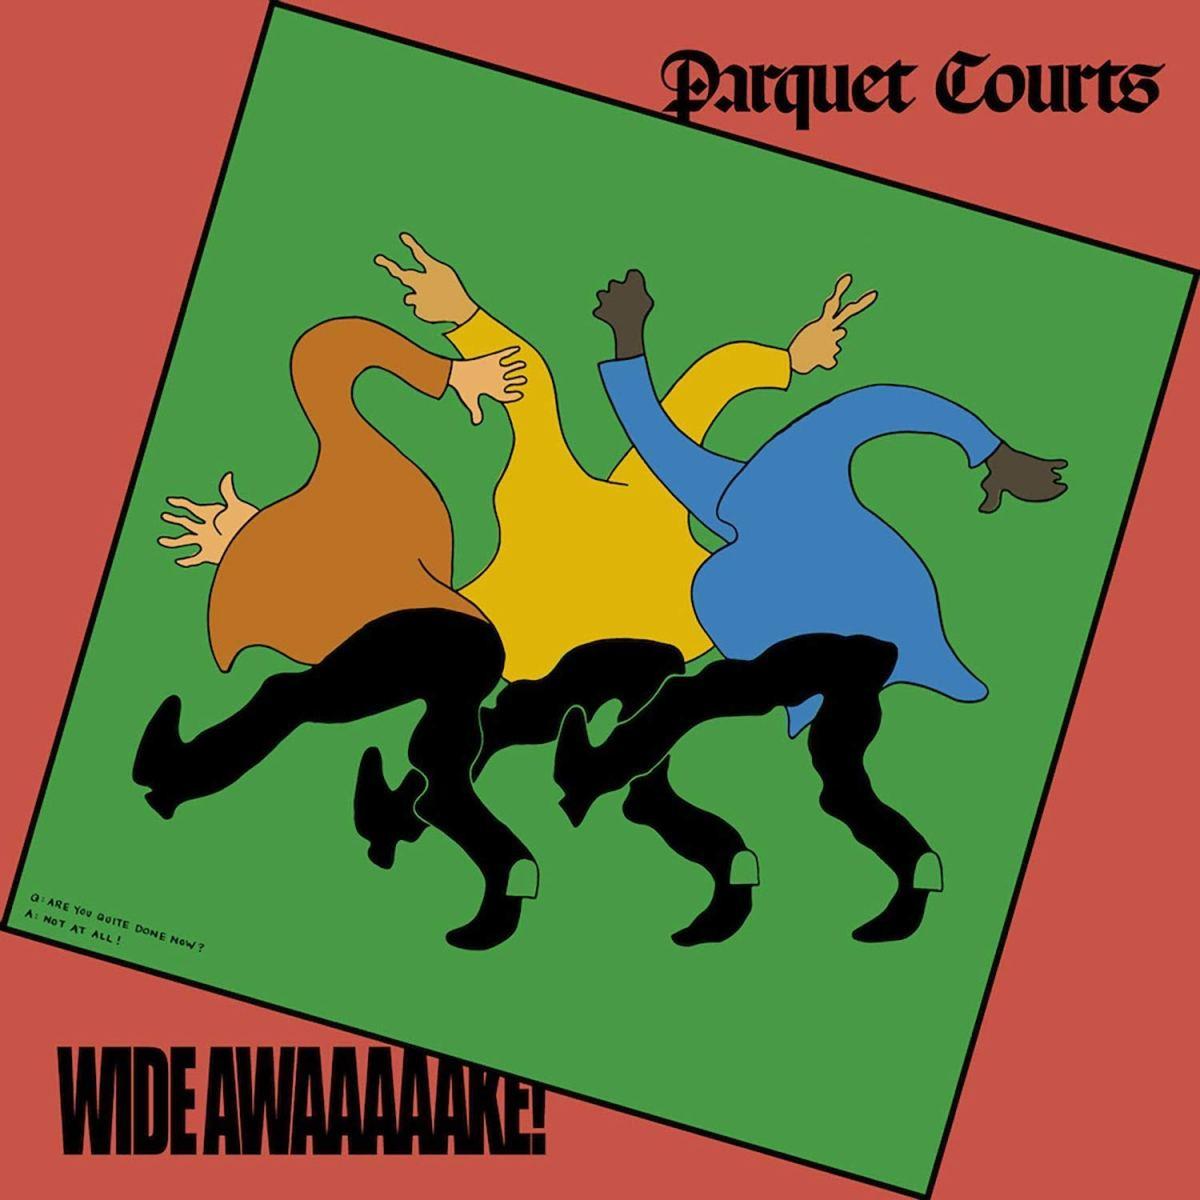 2019/01/21 - Parquet  Courts - Wide Awake